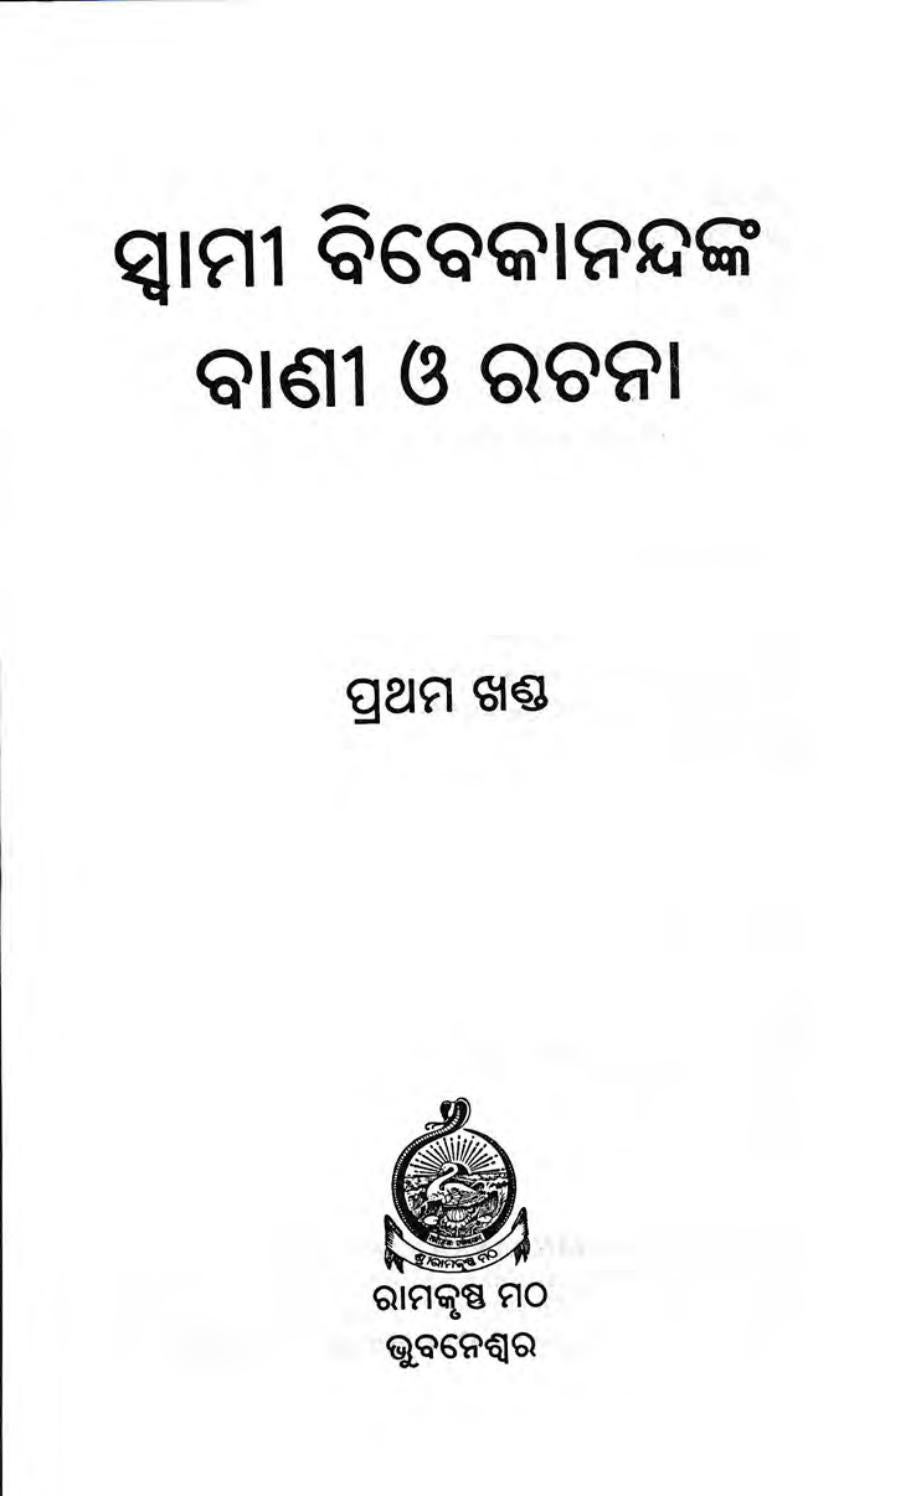 Swami Vivekananda Vani O Rachana Odia Vol 1 by